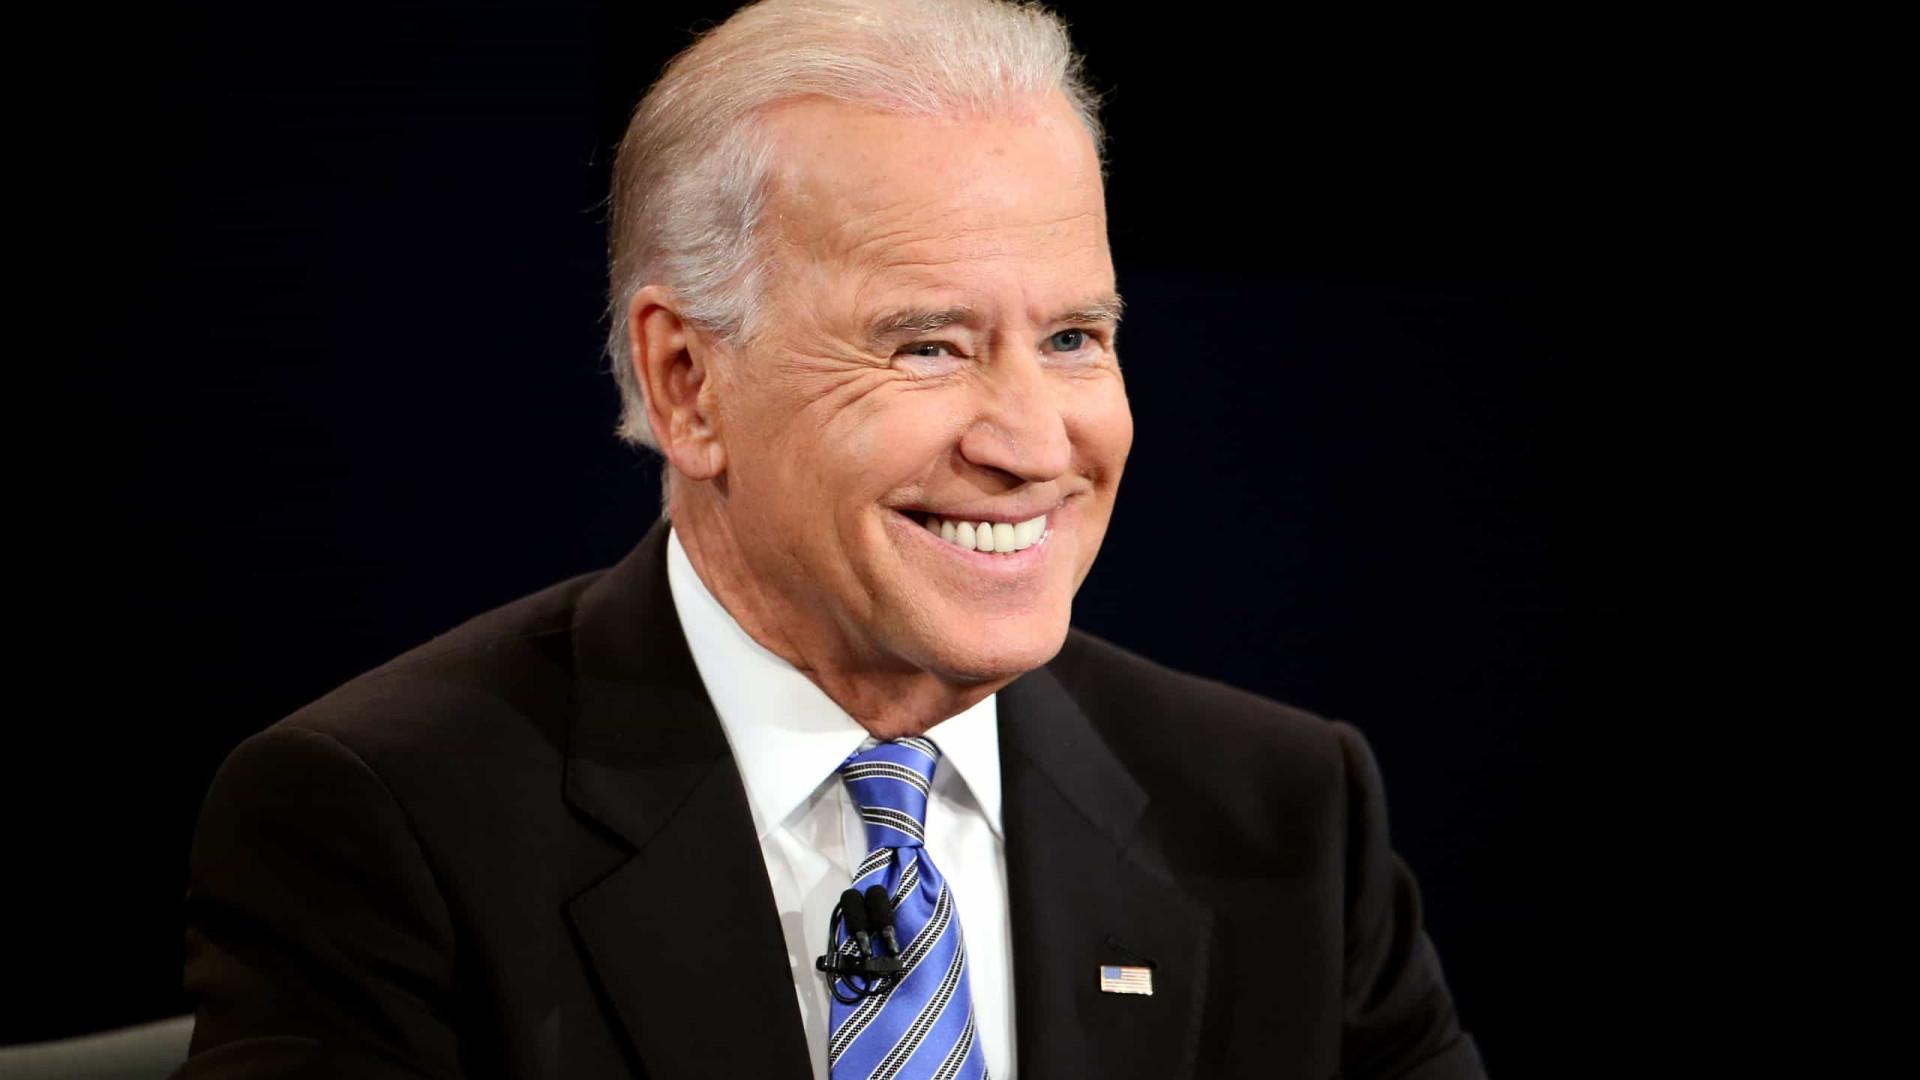 Futura equipa de Biden maioritariamente composta por mulheres e minorias